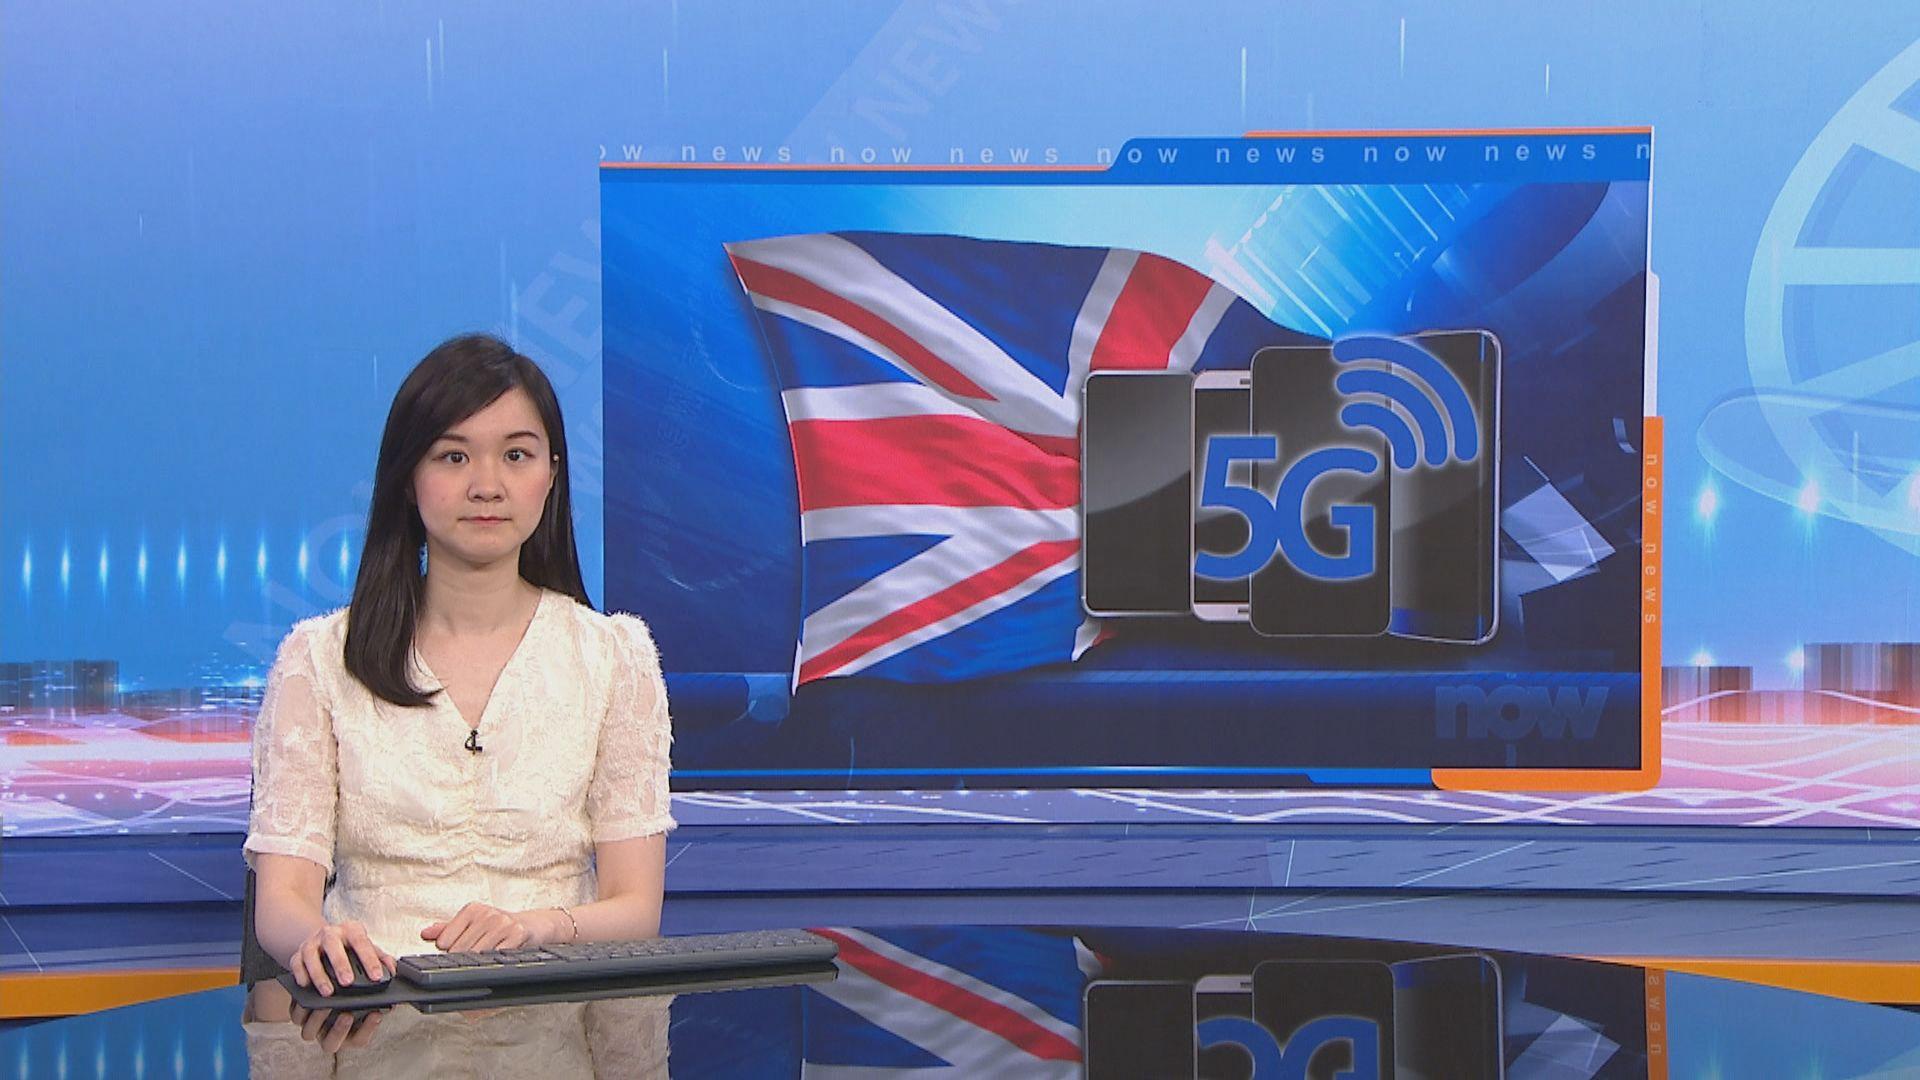 英國據報尋求建立5G聯盟 以避免對中國科技的依賴